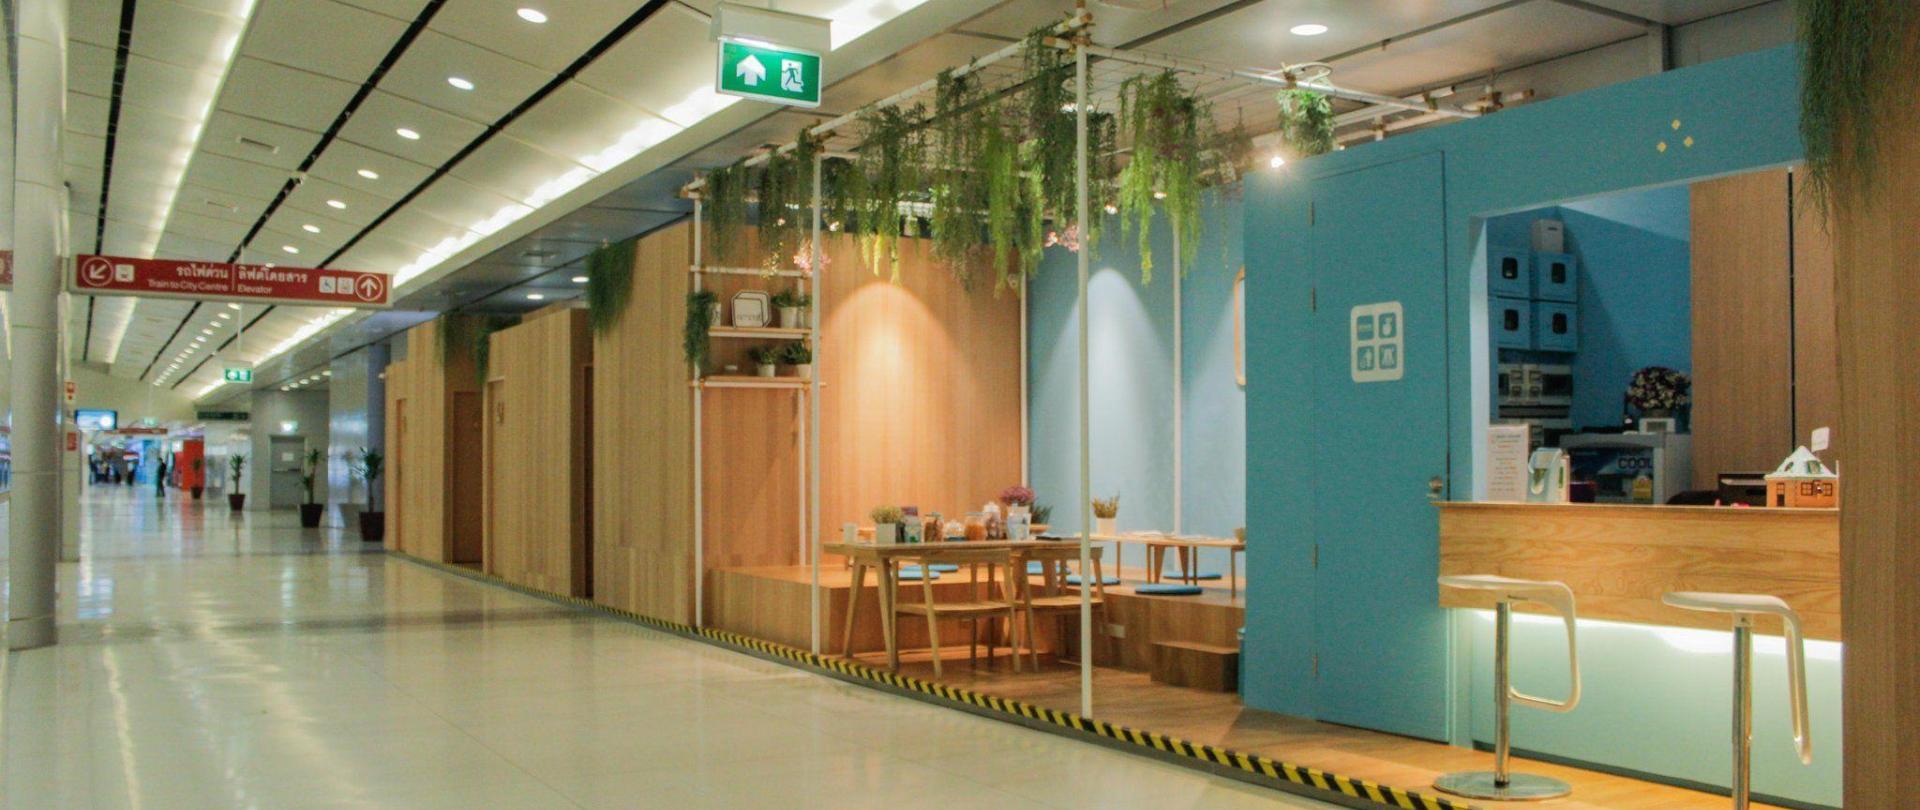 lobby-20.jpg